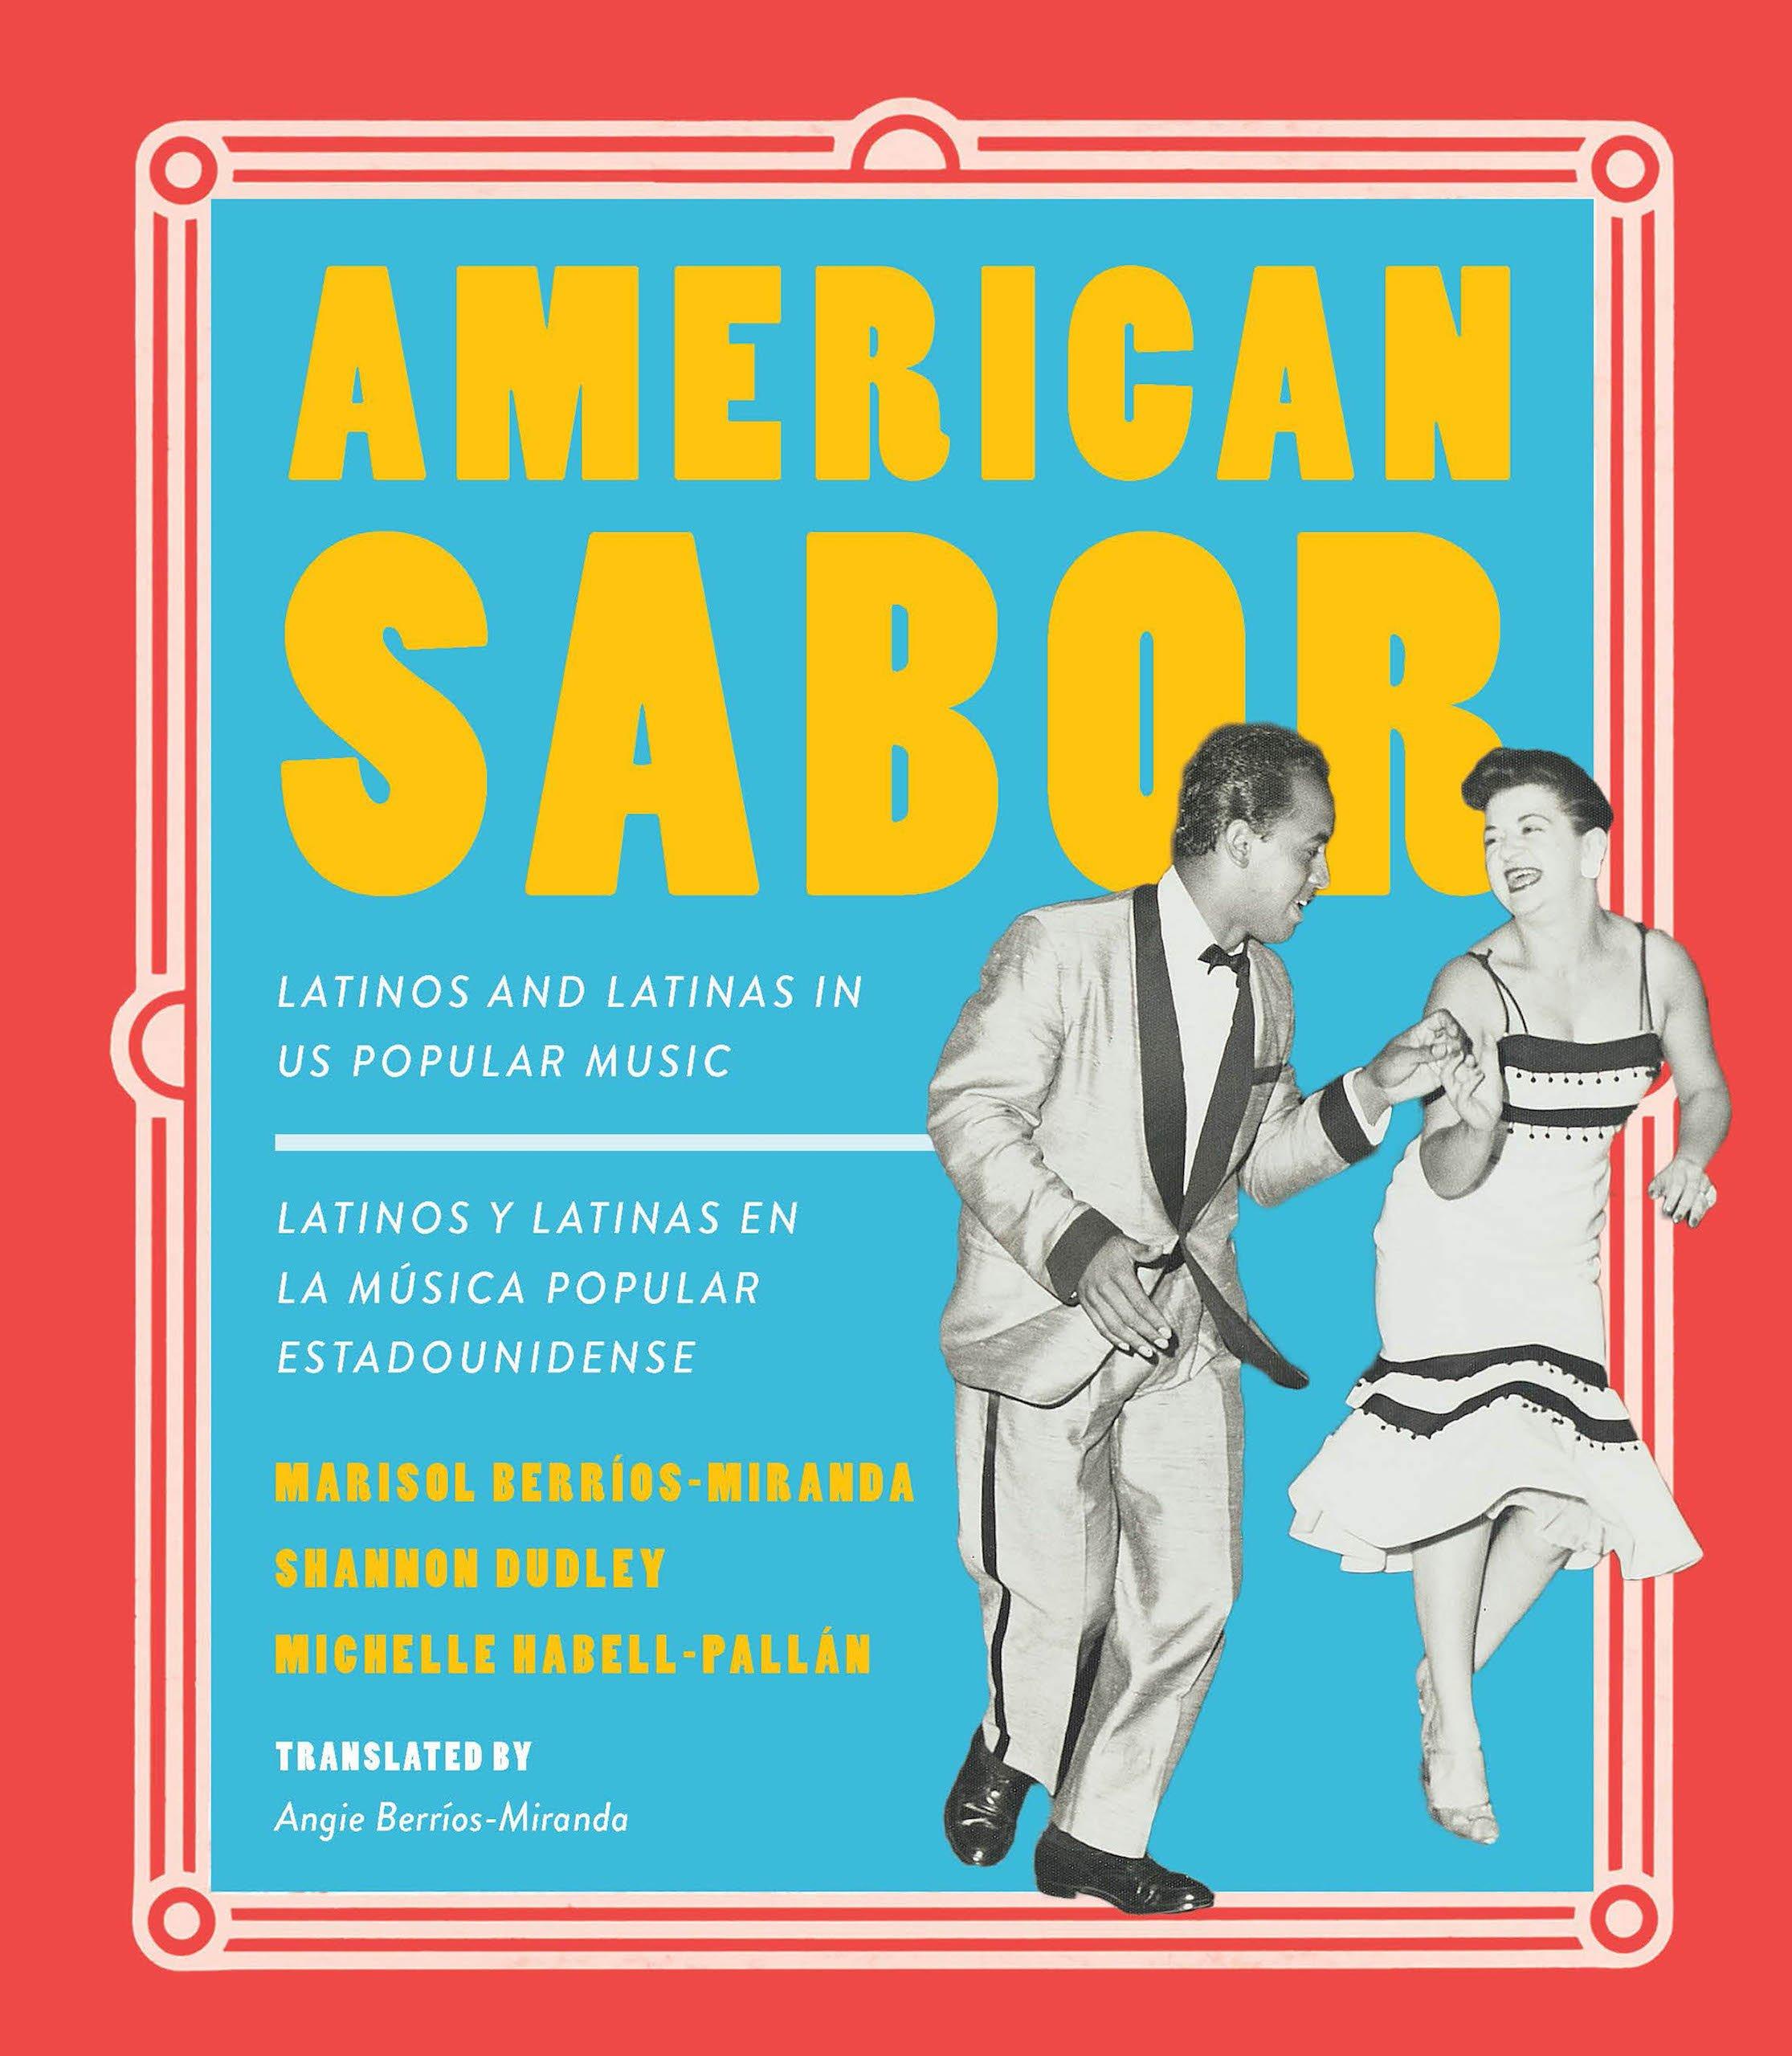 Read Online American Sabor: Latinos and Latinas in US Popular Music / Latinos y latinas en la musica popular estadounidense pdf epub